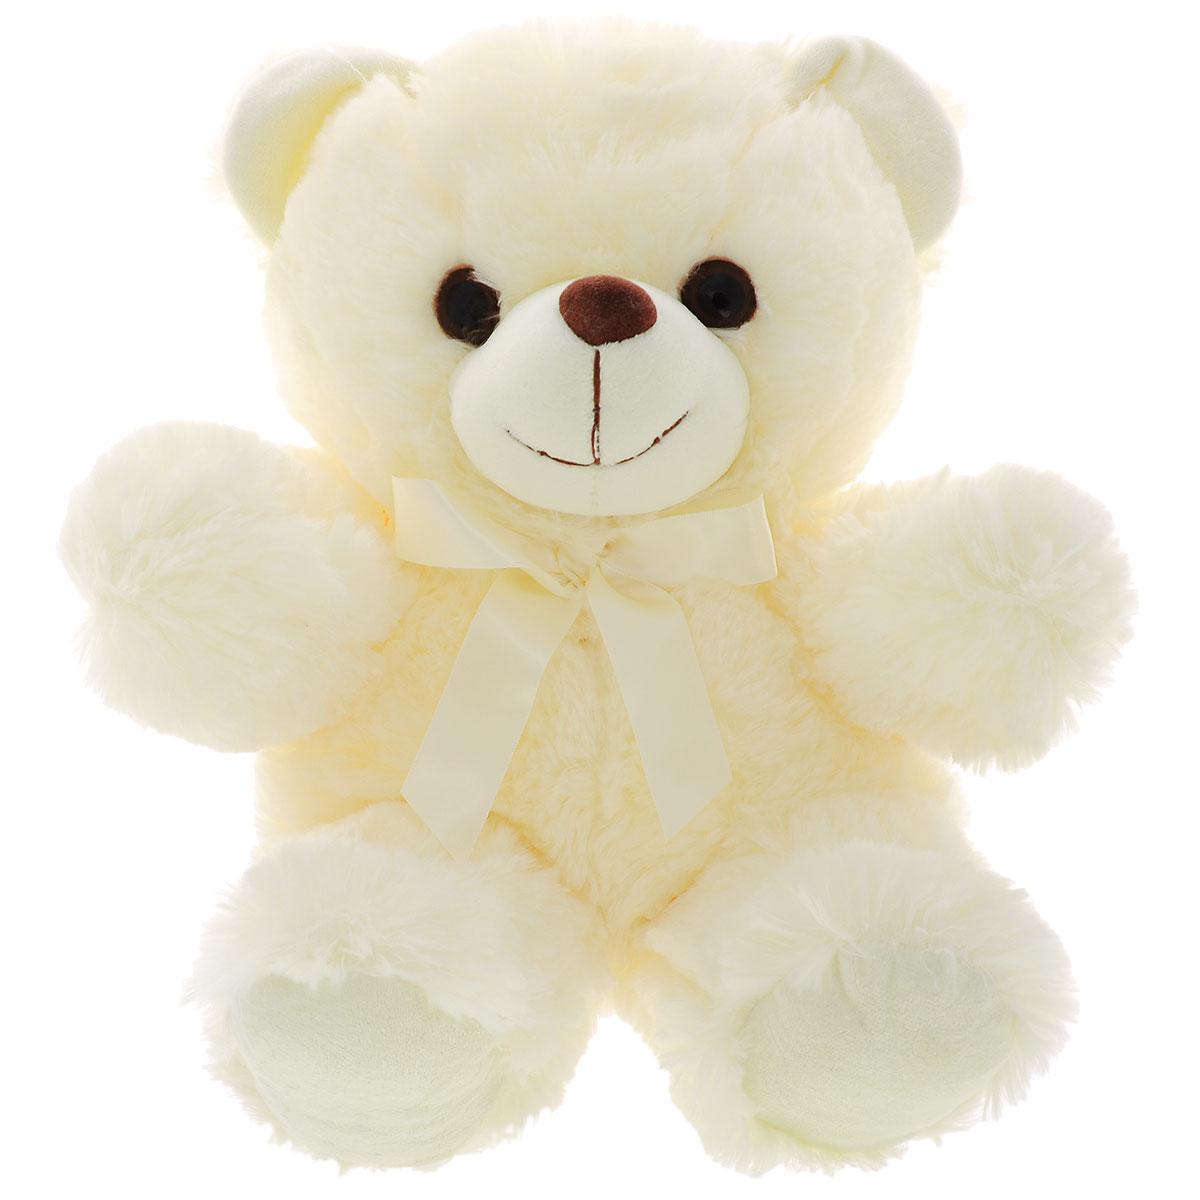 Мягкая игрушка Plush Apple Медведь, цвет: молочный, 41 смKF51683,L,N,K05113A,BМягкая игрушка Plush Apple Медведь не оставит вас равнодушным и вызовет улыбку у каждого, кто ее увидит. Игрушка изготовлена из высококачественных текстильных материалов. Глазки выполнены из пластика. Мишка с бантиком это не только очаровательная мордашка, но и забавный образ. Небольшие размеры игрушки позволяют брать ее на прогулку и в гости, поэтому малышу больше не придется расставаться со своим новым другом.